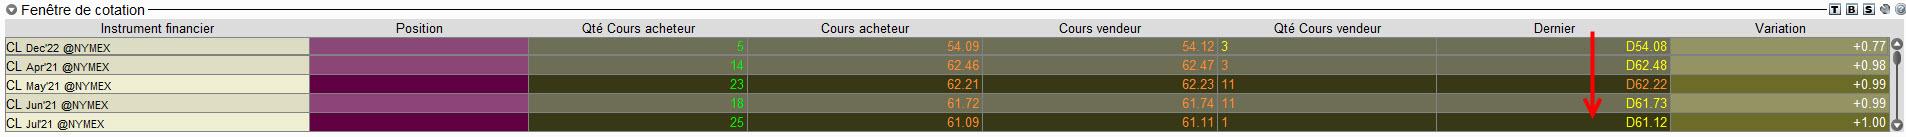 la chronique lynx broker 010321 - graphique Cours CL